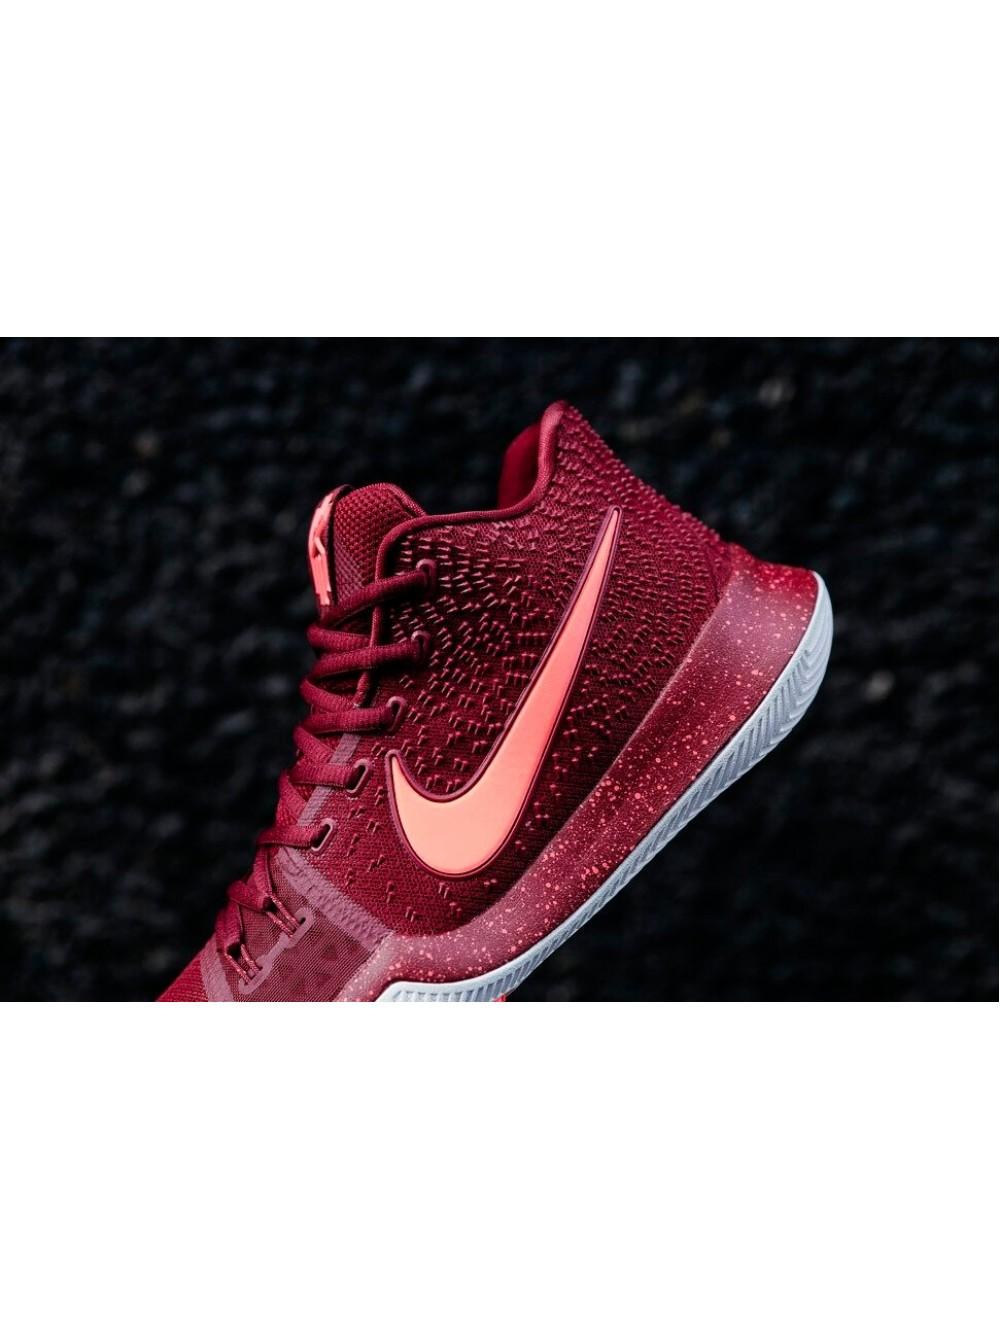 d221cba1 Баскетбольные кроссовки Nike Kyrie 3 Hot Punch 41-45р. заказать в интернет- магазине